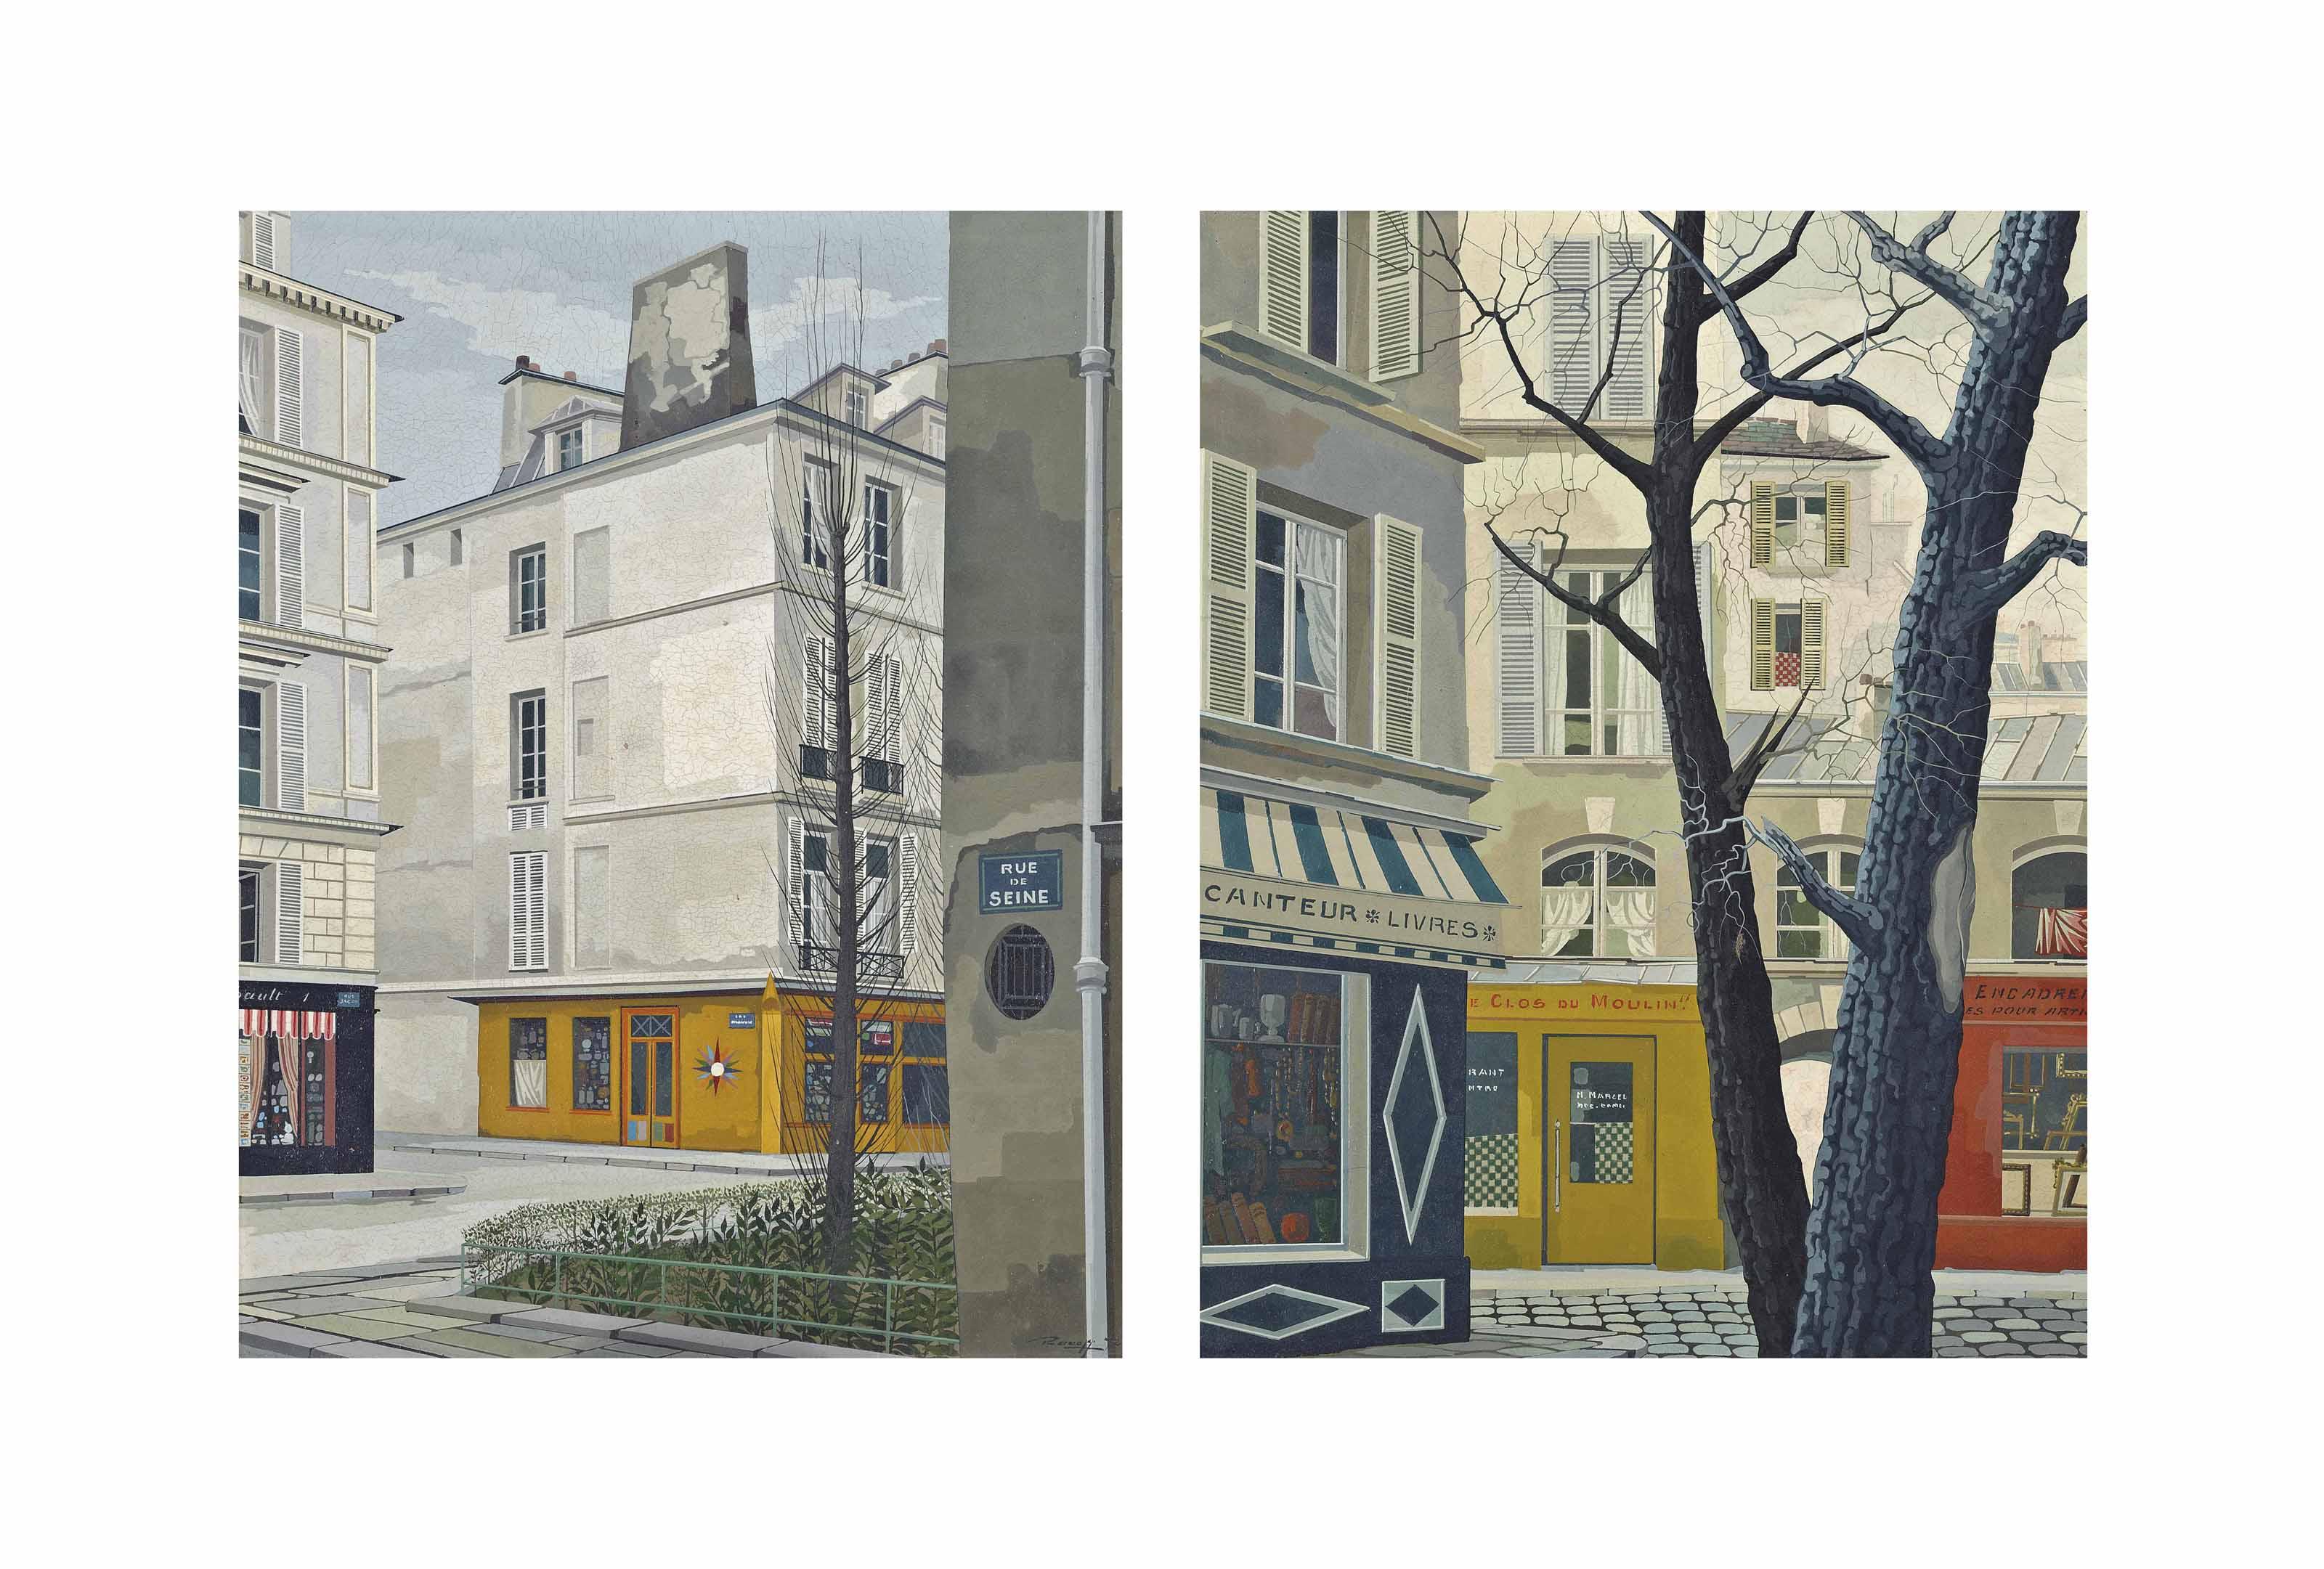 Un Coin dans St. Germain; and Restaurant Clos Du Moulin De Saint Germain des Prés